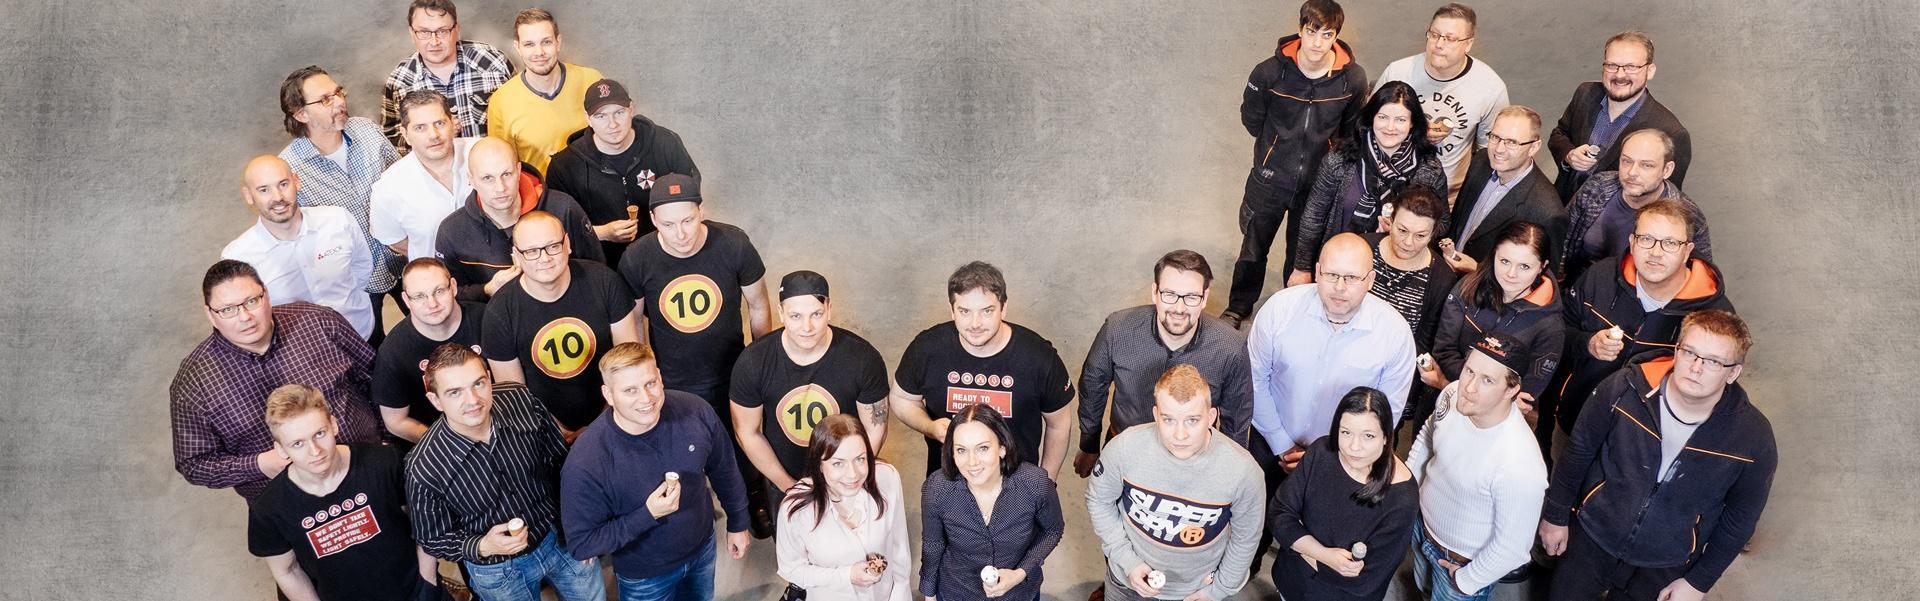 Meet Atexor's experts!